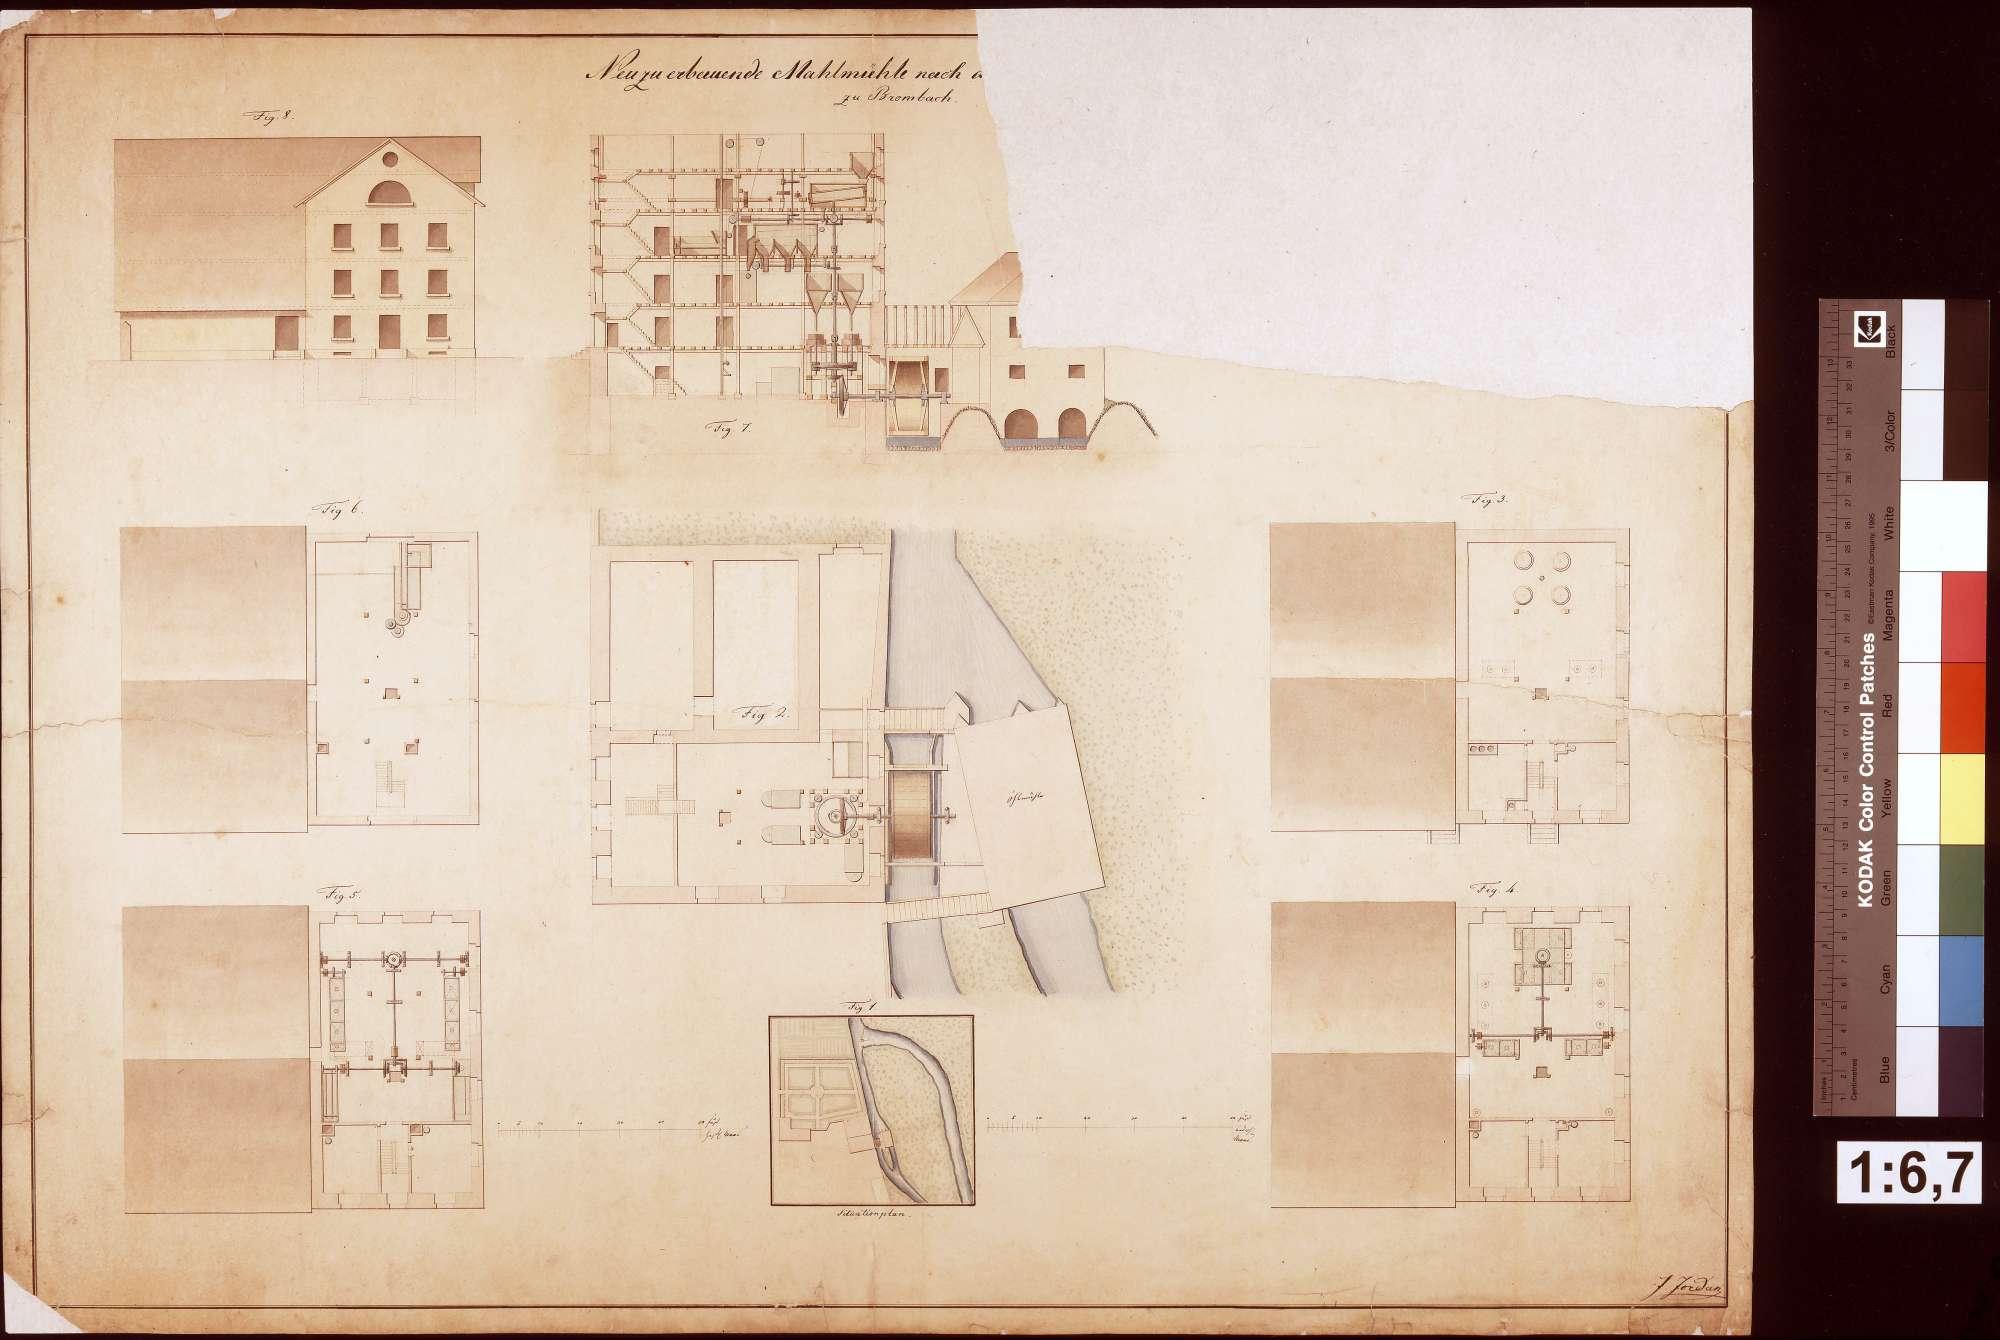 Neubau einer Mahlmühle zu Bronnbach, Bild 1